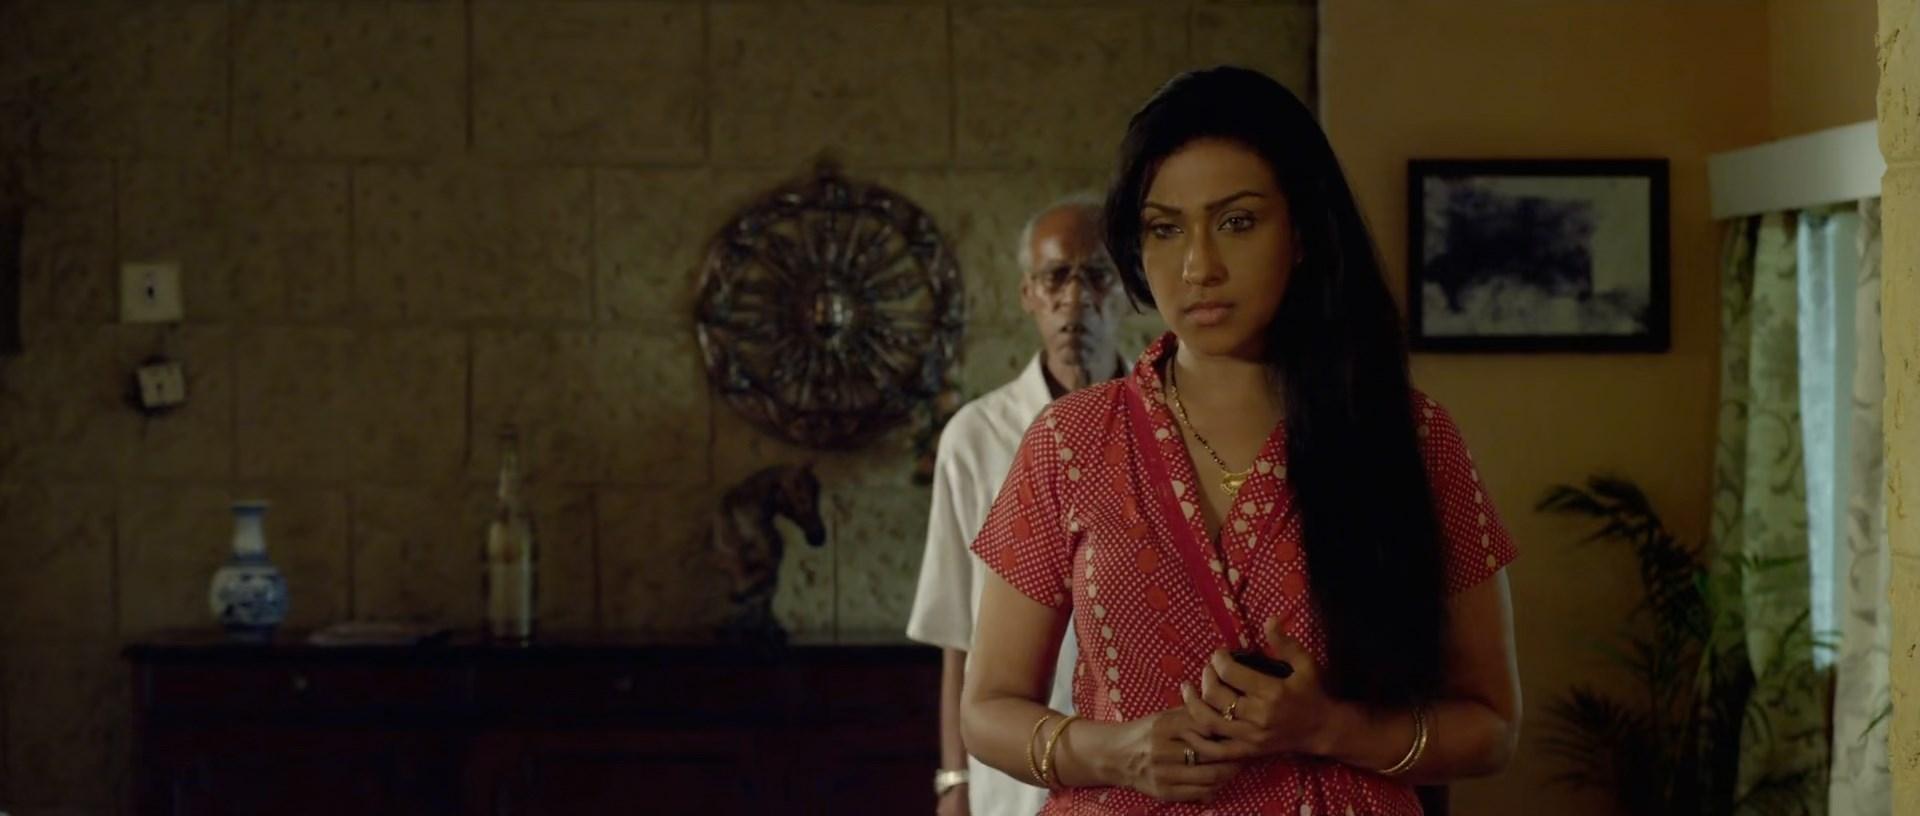 Dharasnan 2018 Bengali 1080P WEBRiP.mkv snapshot 02.05.33.213